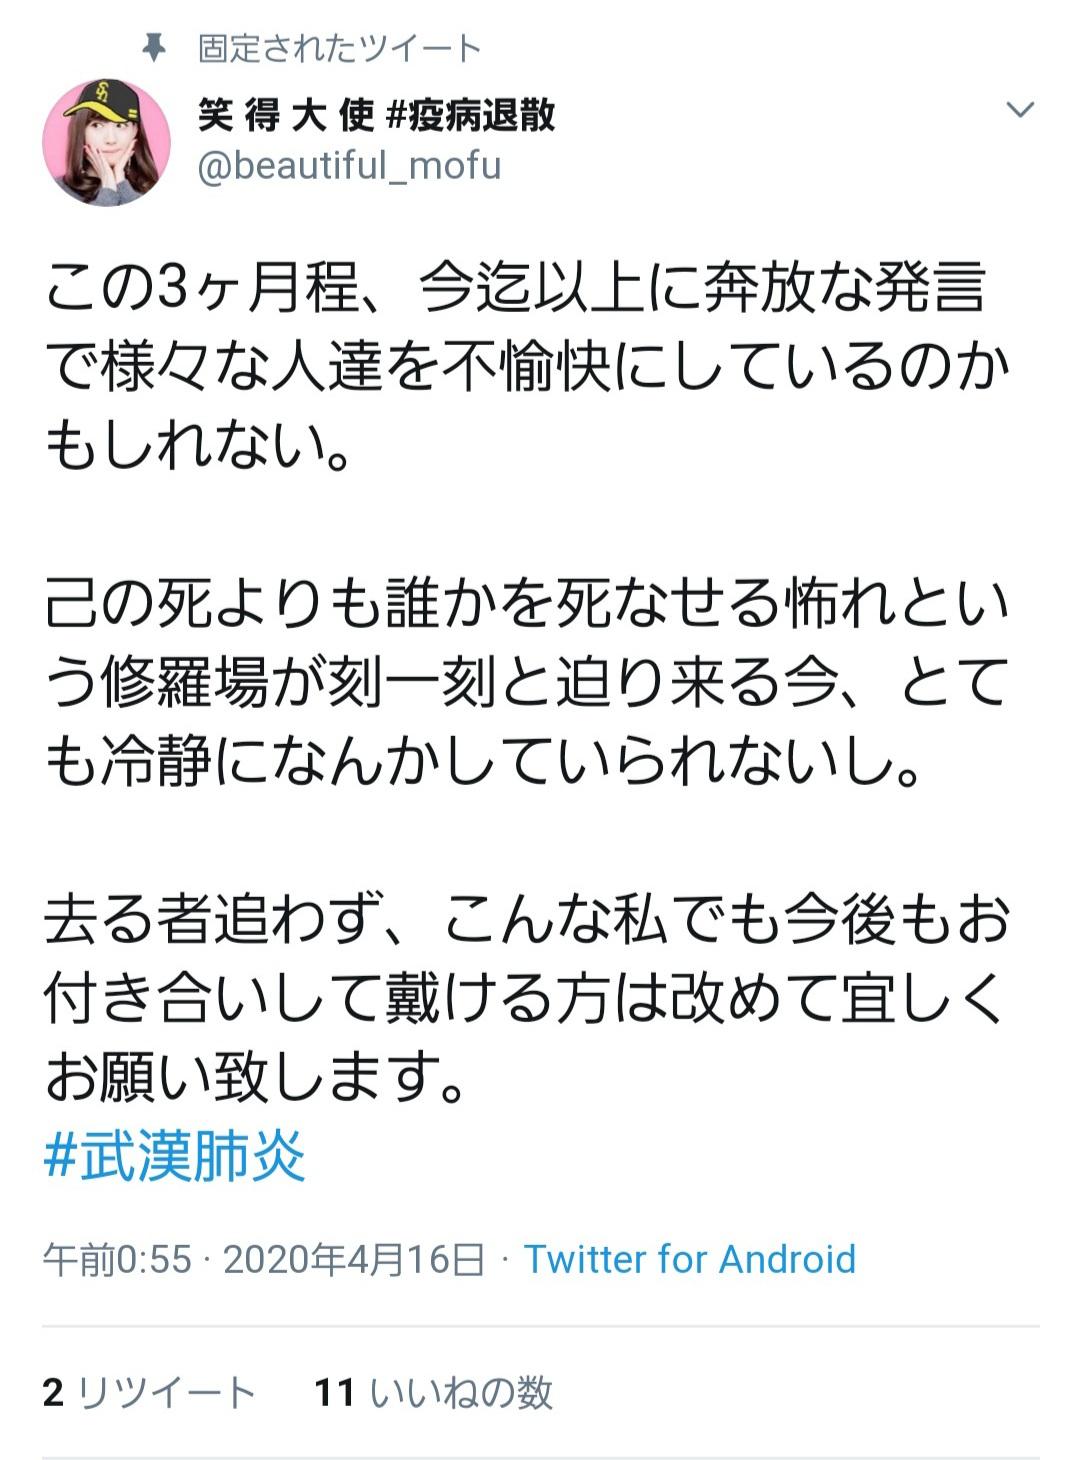 i43fvYL - アナウンサーの柴田阿弥さん、どうぶつの森で弟の島に行っただけで不要不急の外出だと叩かれる